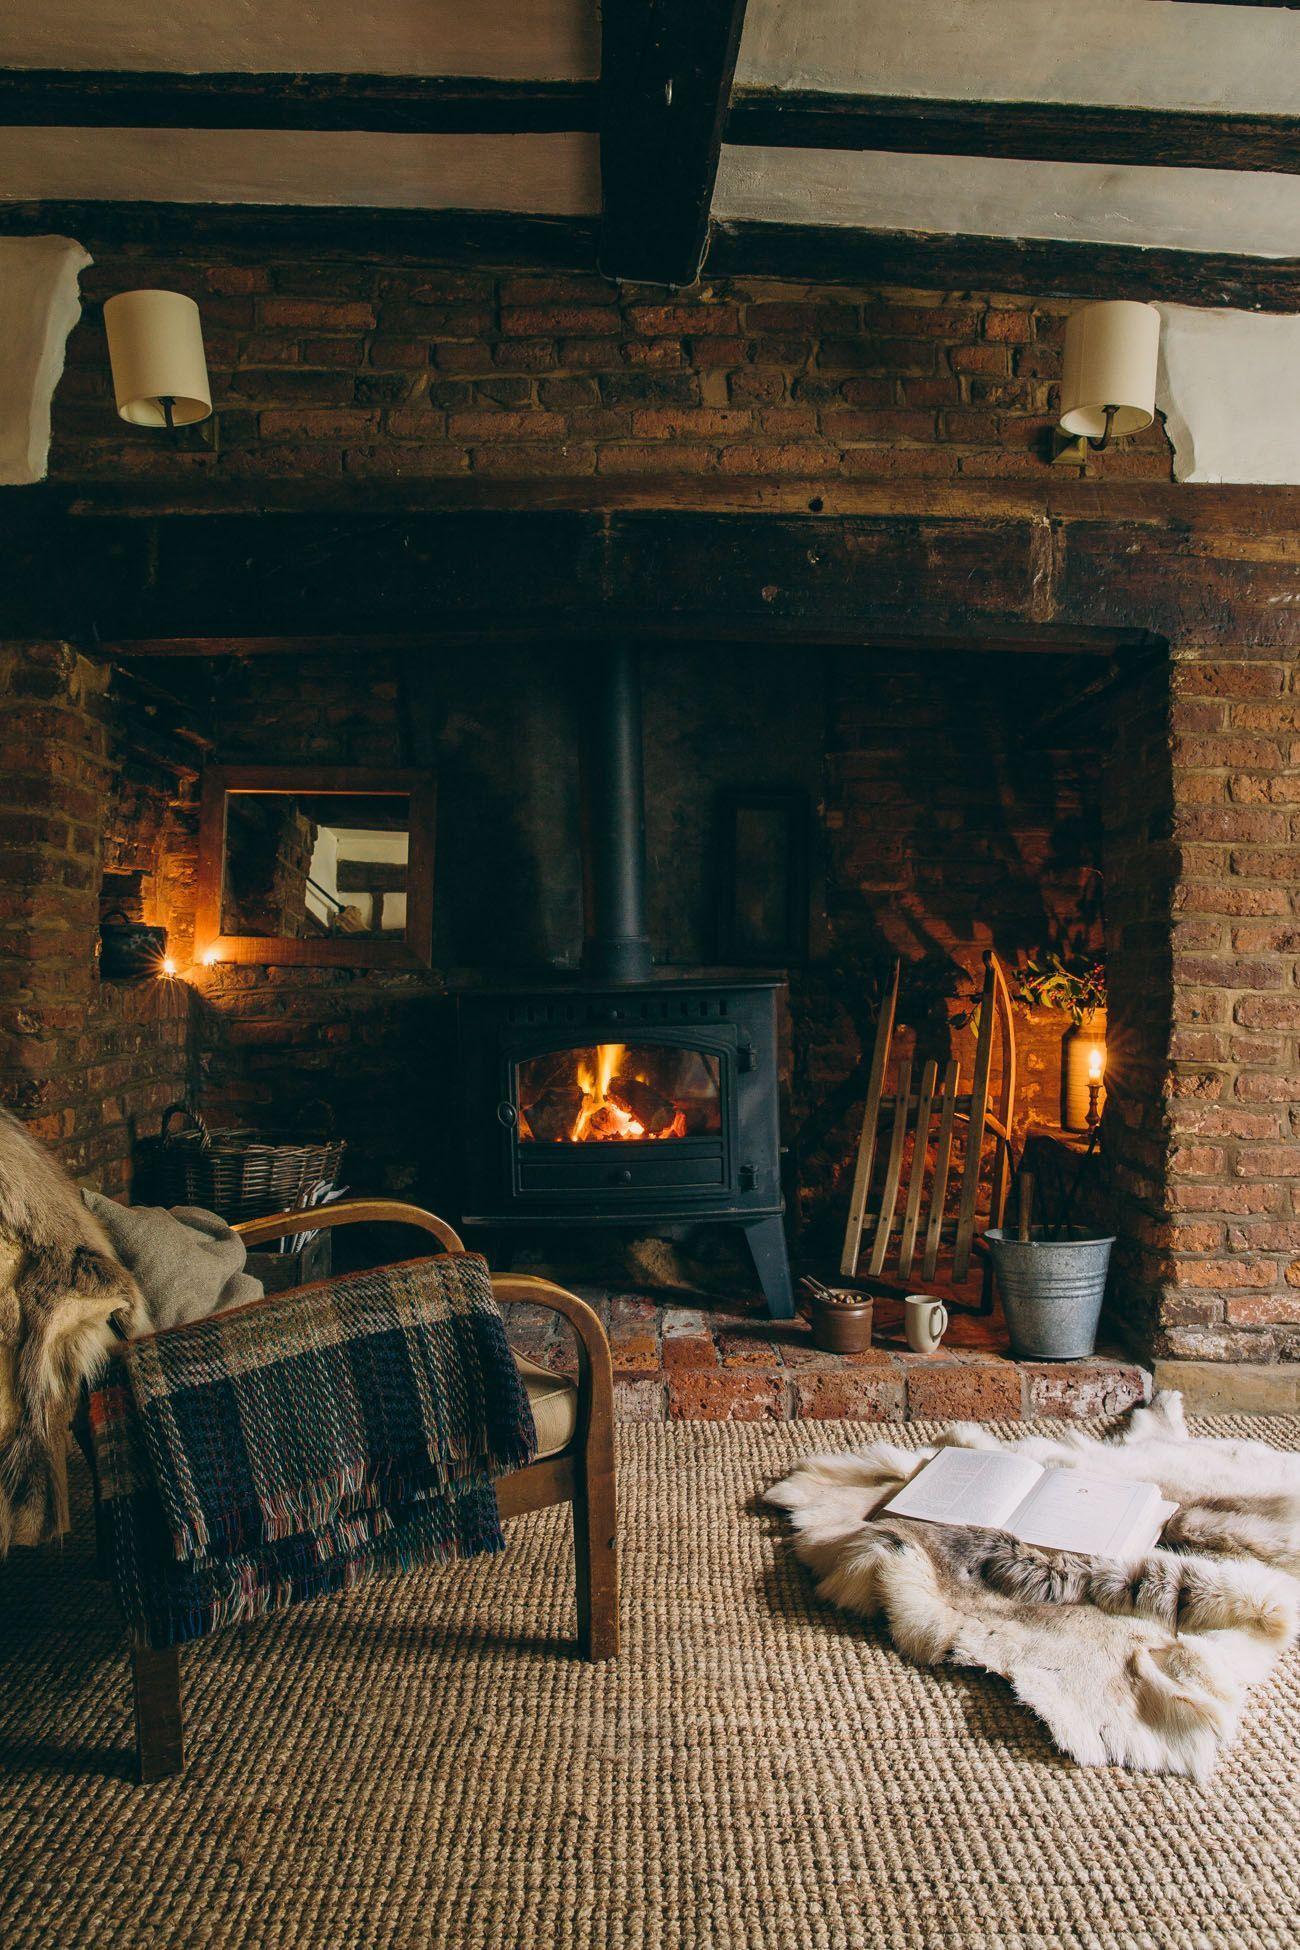 Das Herz Des Hauses Kalte Gemutliche Nachte Am Feuer Wo Nichts Als Eine Decke Rustic Home Design Rustic House Rustic Cottage Decor